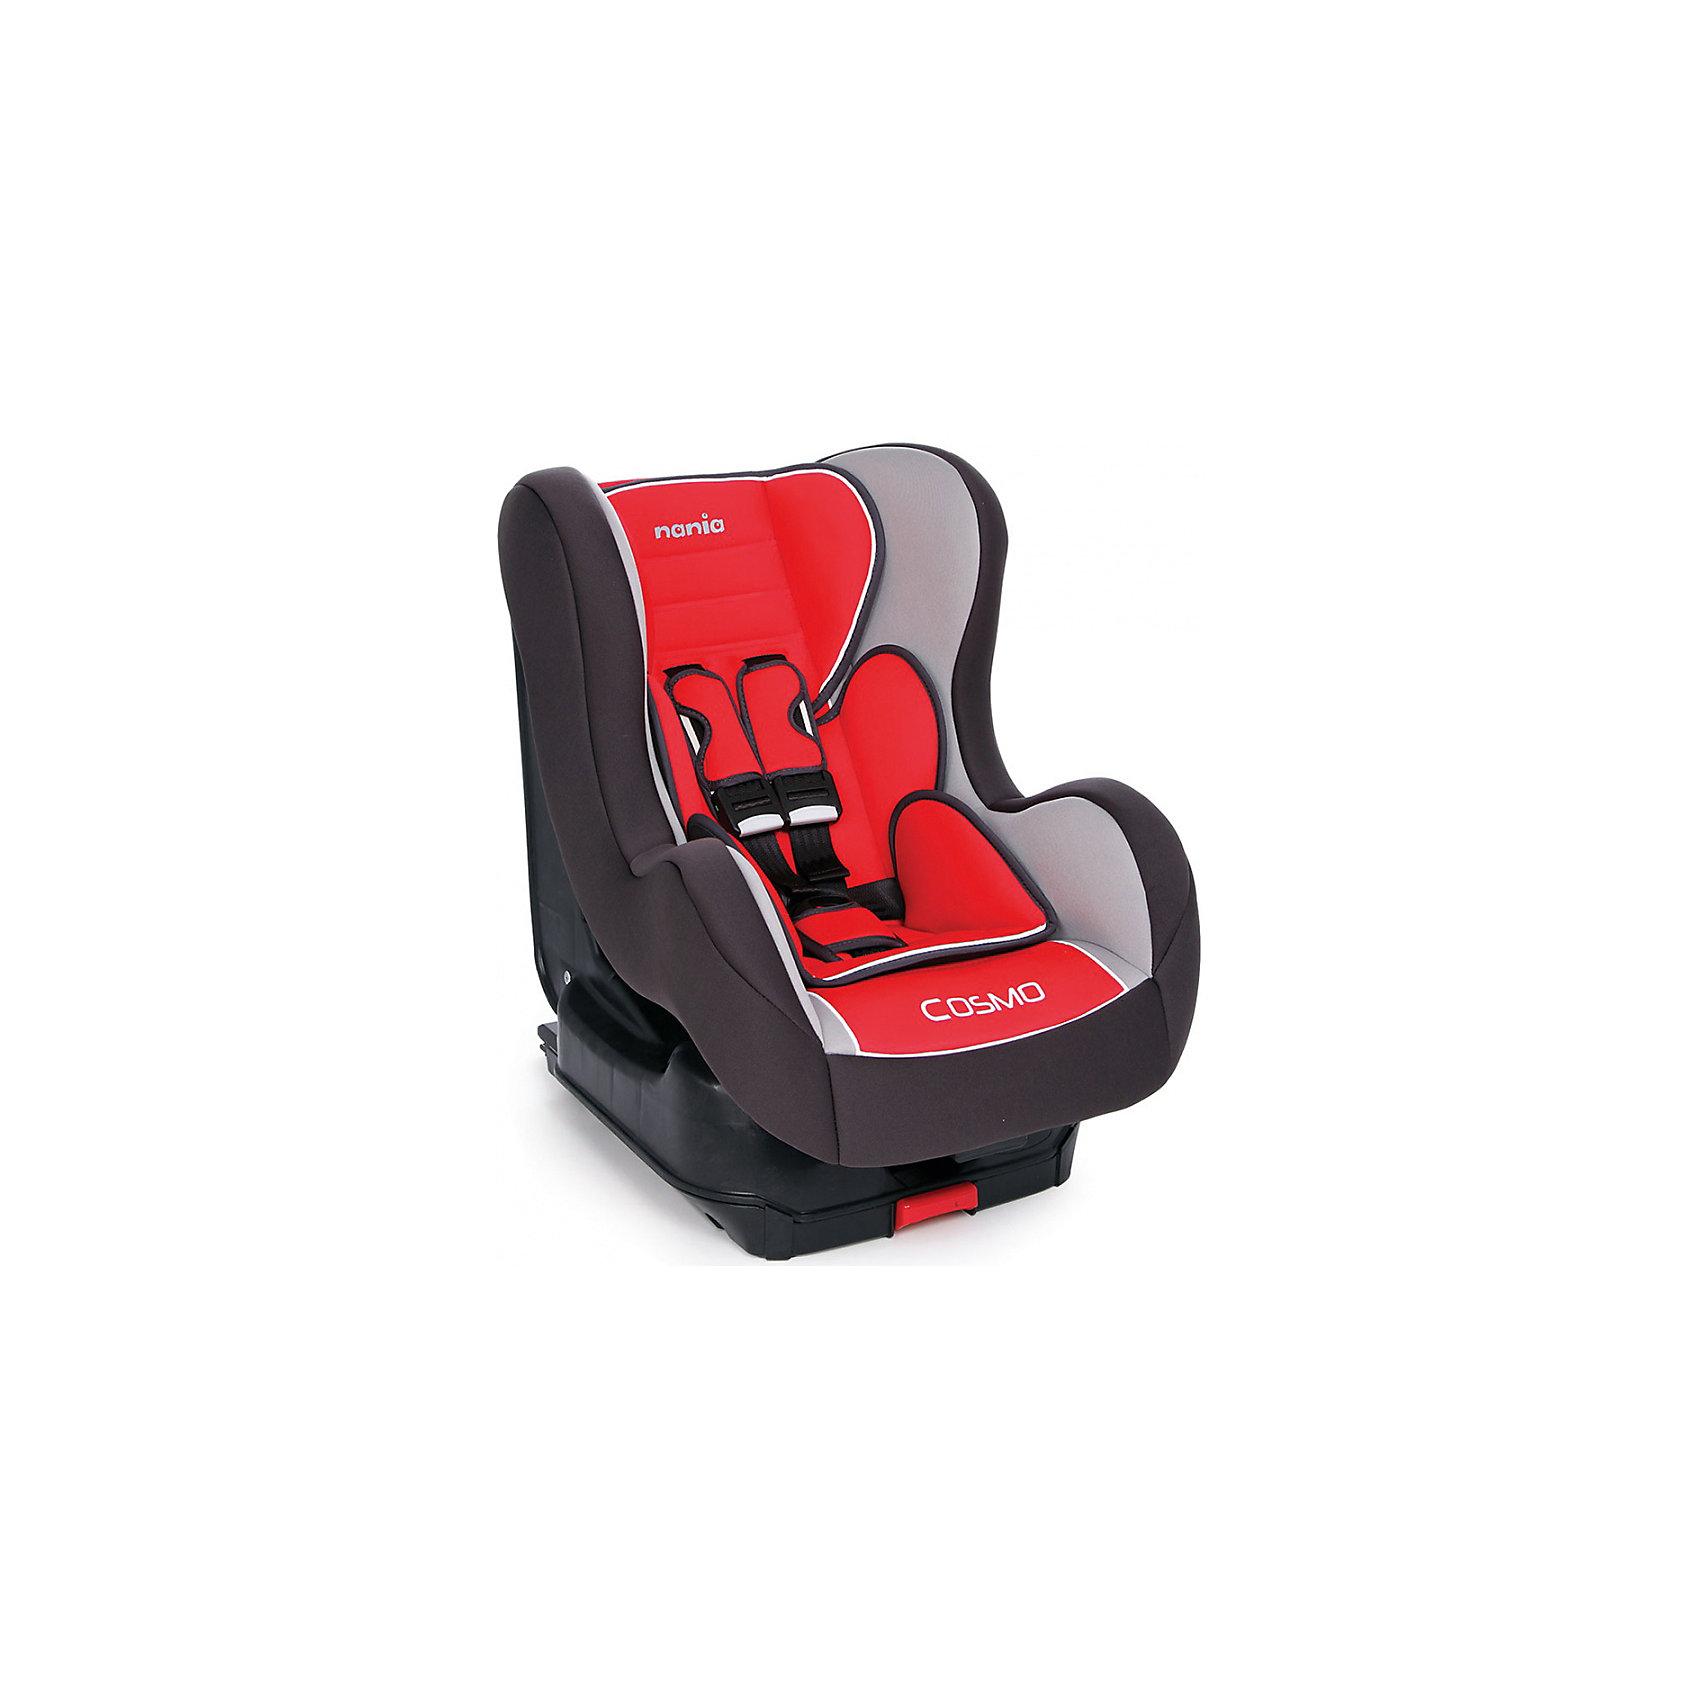 Автокресло COSMO SP isofix 9-18 кг, AGORE CARMIN, Nania, красныйАвтокресло обеспечит сто процентную безопасность и комфортную посадку ребенка в автомобиле!<br>К сиденью кресло крепится автомобильными ремнями, а также имеет собственные пятиточечные ремни безопасности. У спинки кресла есть возможность регулировать наклон и имеются противоударные боковые стенки. <br>При необходимости чехол легко снимается и стирается.<br><br>Характеристики:<br>- Группа 0+/1 ( от 9 до 18 кг).  <br>- Установка лицом по ходу движения на заднем сиденье. <br>- Способ крепления в автомобиле Isofix. <br>- Спинка сиденья имеет 5 положений наклона. <br>- Дополнительные подушки 2 шт. <br>- 5-точечные ремни, со звуковым оповещением. <br>- Приятный материал ткани обивки.<br><br>Дополнительная информация:<br><br>- Возраст: от 0 до 4 лет.<br>- Материал: пластик, текстиль.<br>- Цвет: красный.<br>- Размер упаковки: 60х50х70 см.<br>- Вес в упаковке: 11030 г.<br><br>Купить автокресла COSMO SP isofix 9-18 кг, AGORA CARMIN, в красном цвете, можно в нашем магазине.<br><br>Ширина мм: 600<br>Глубина мм: 500<br>Высота мм: 700<br>Вес г: 11030<br>Возраст от месяцев: 9<br>Возраст до месяцев: 36<br>Пол: Унисекс<br>Возраст: Детский<br>SKU: 4828317